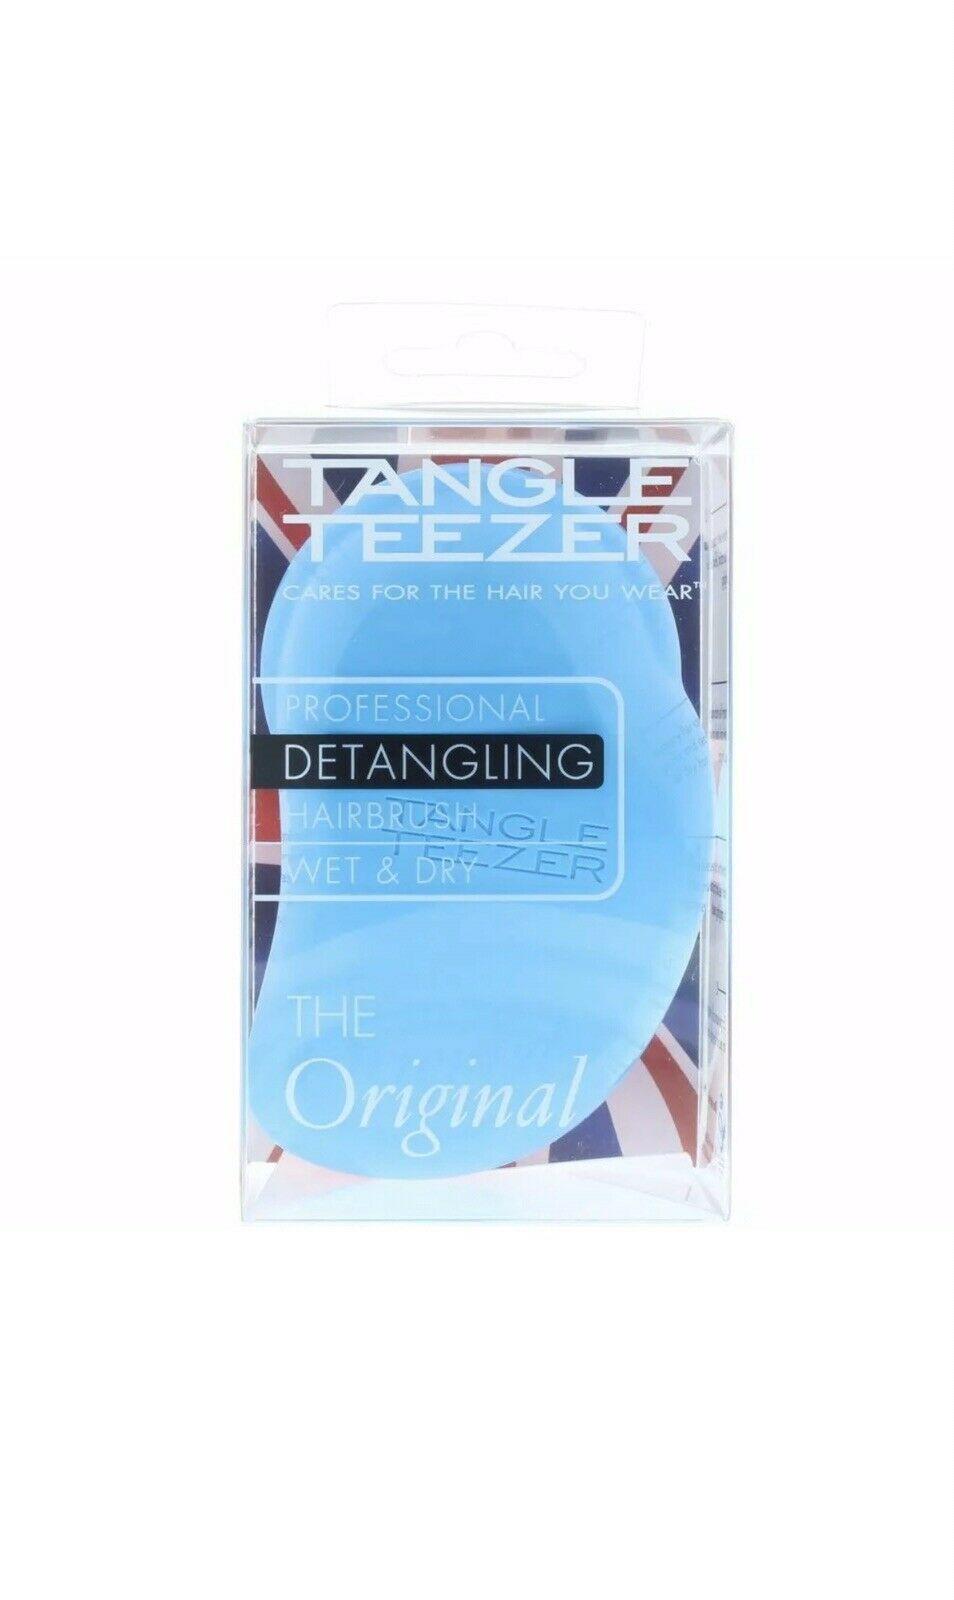 Tangle Teezer Wet Or Dry Detangling Hairbrush For All Hair Types Blueberry Pop Hair Tangles Ideas Of Hair Tangles Hair T In 2020 Hair You Wear Pop Hair Detangler